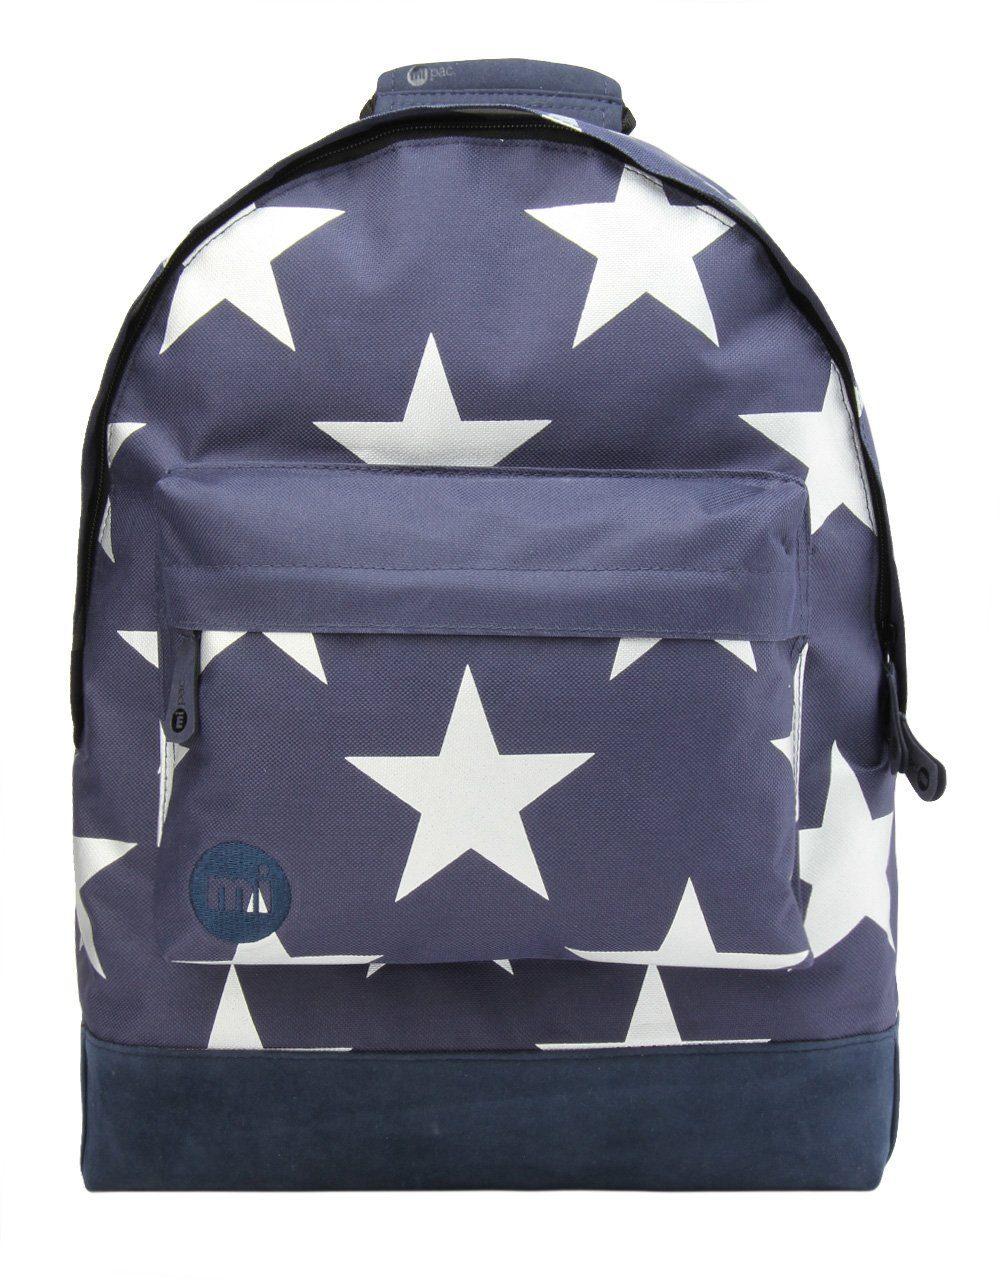 mi pac. Rucksack mit Laptopfach, »Backpack, Stars XL Navy Silver«